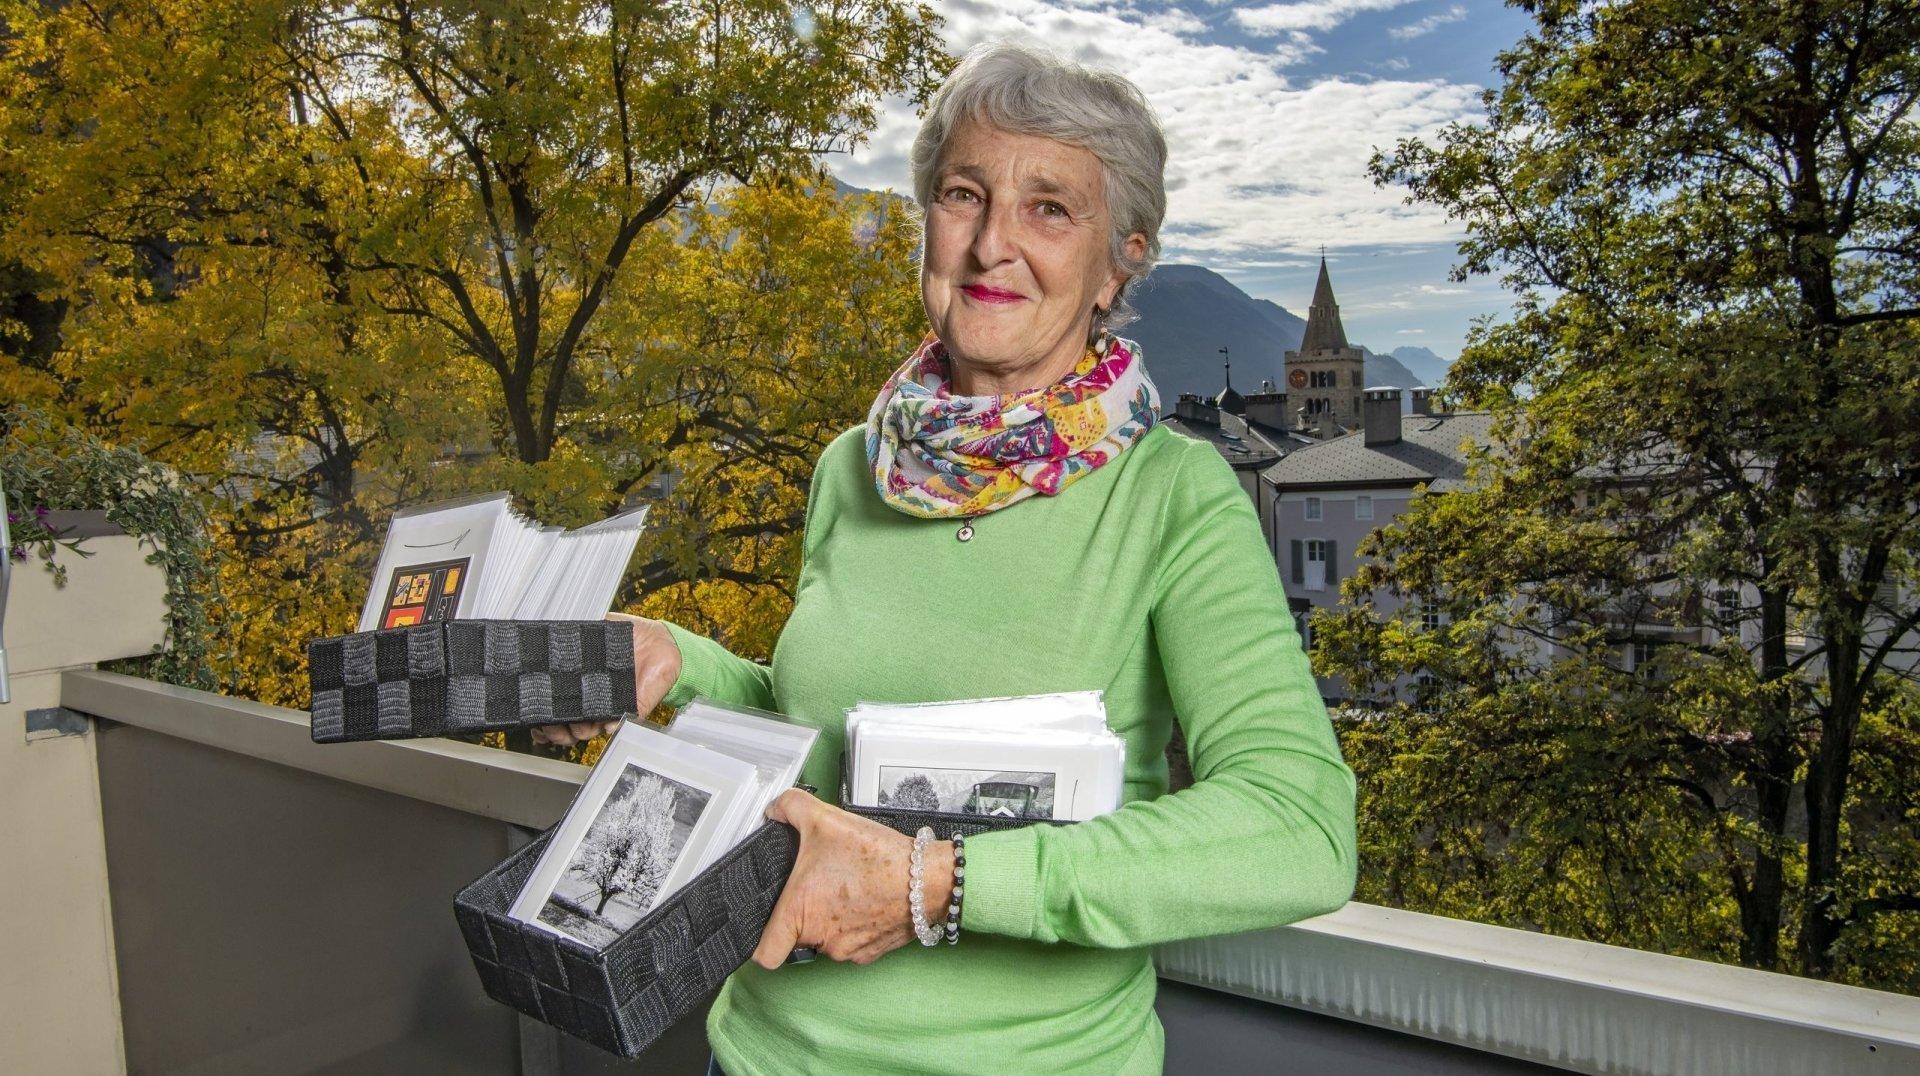 Sion: avec ses cartes, Manuela Thurre propose d'écrire des mots joyeux ou tendres